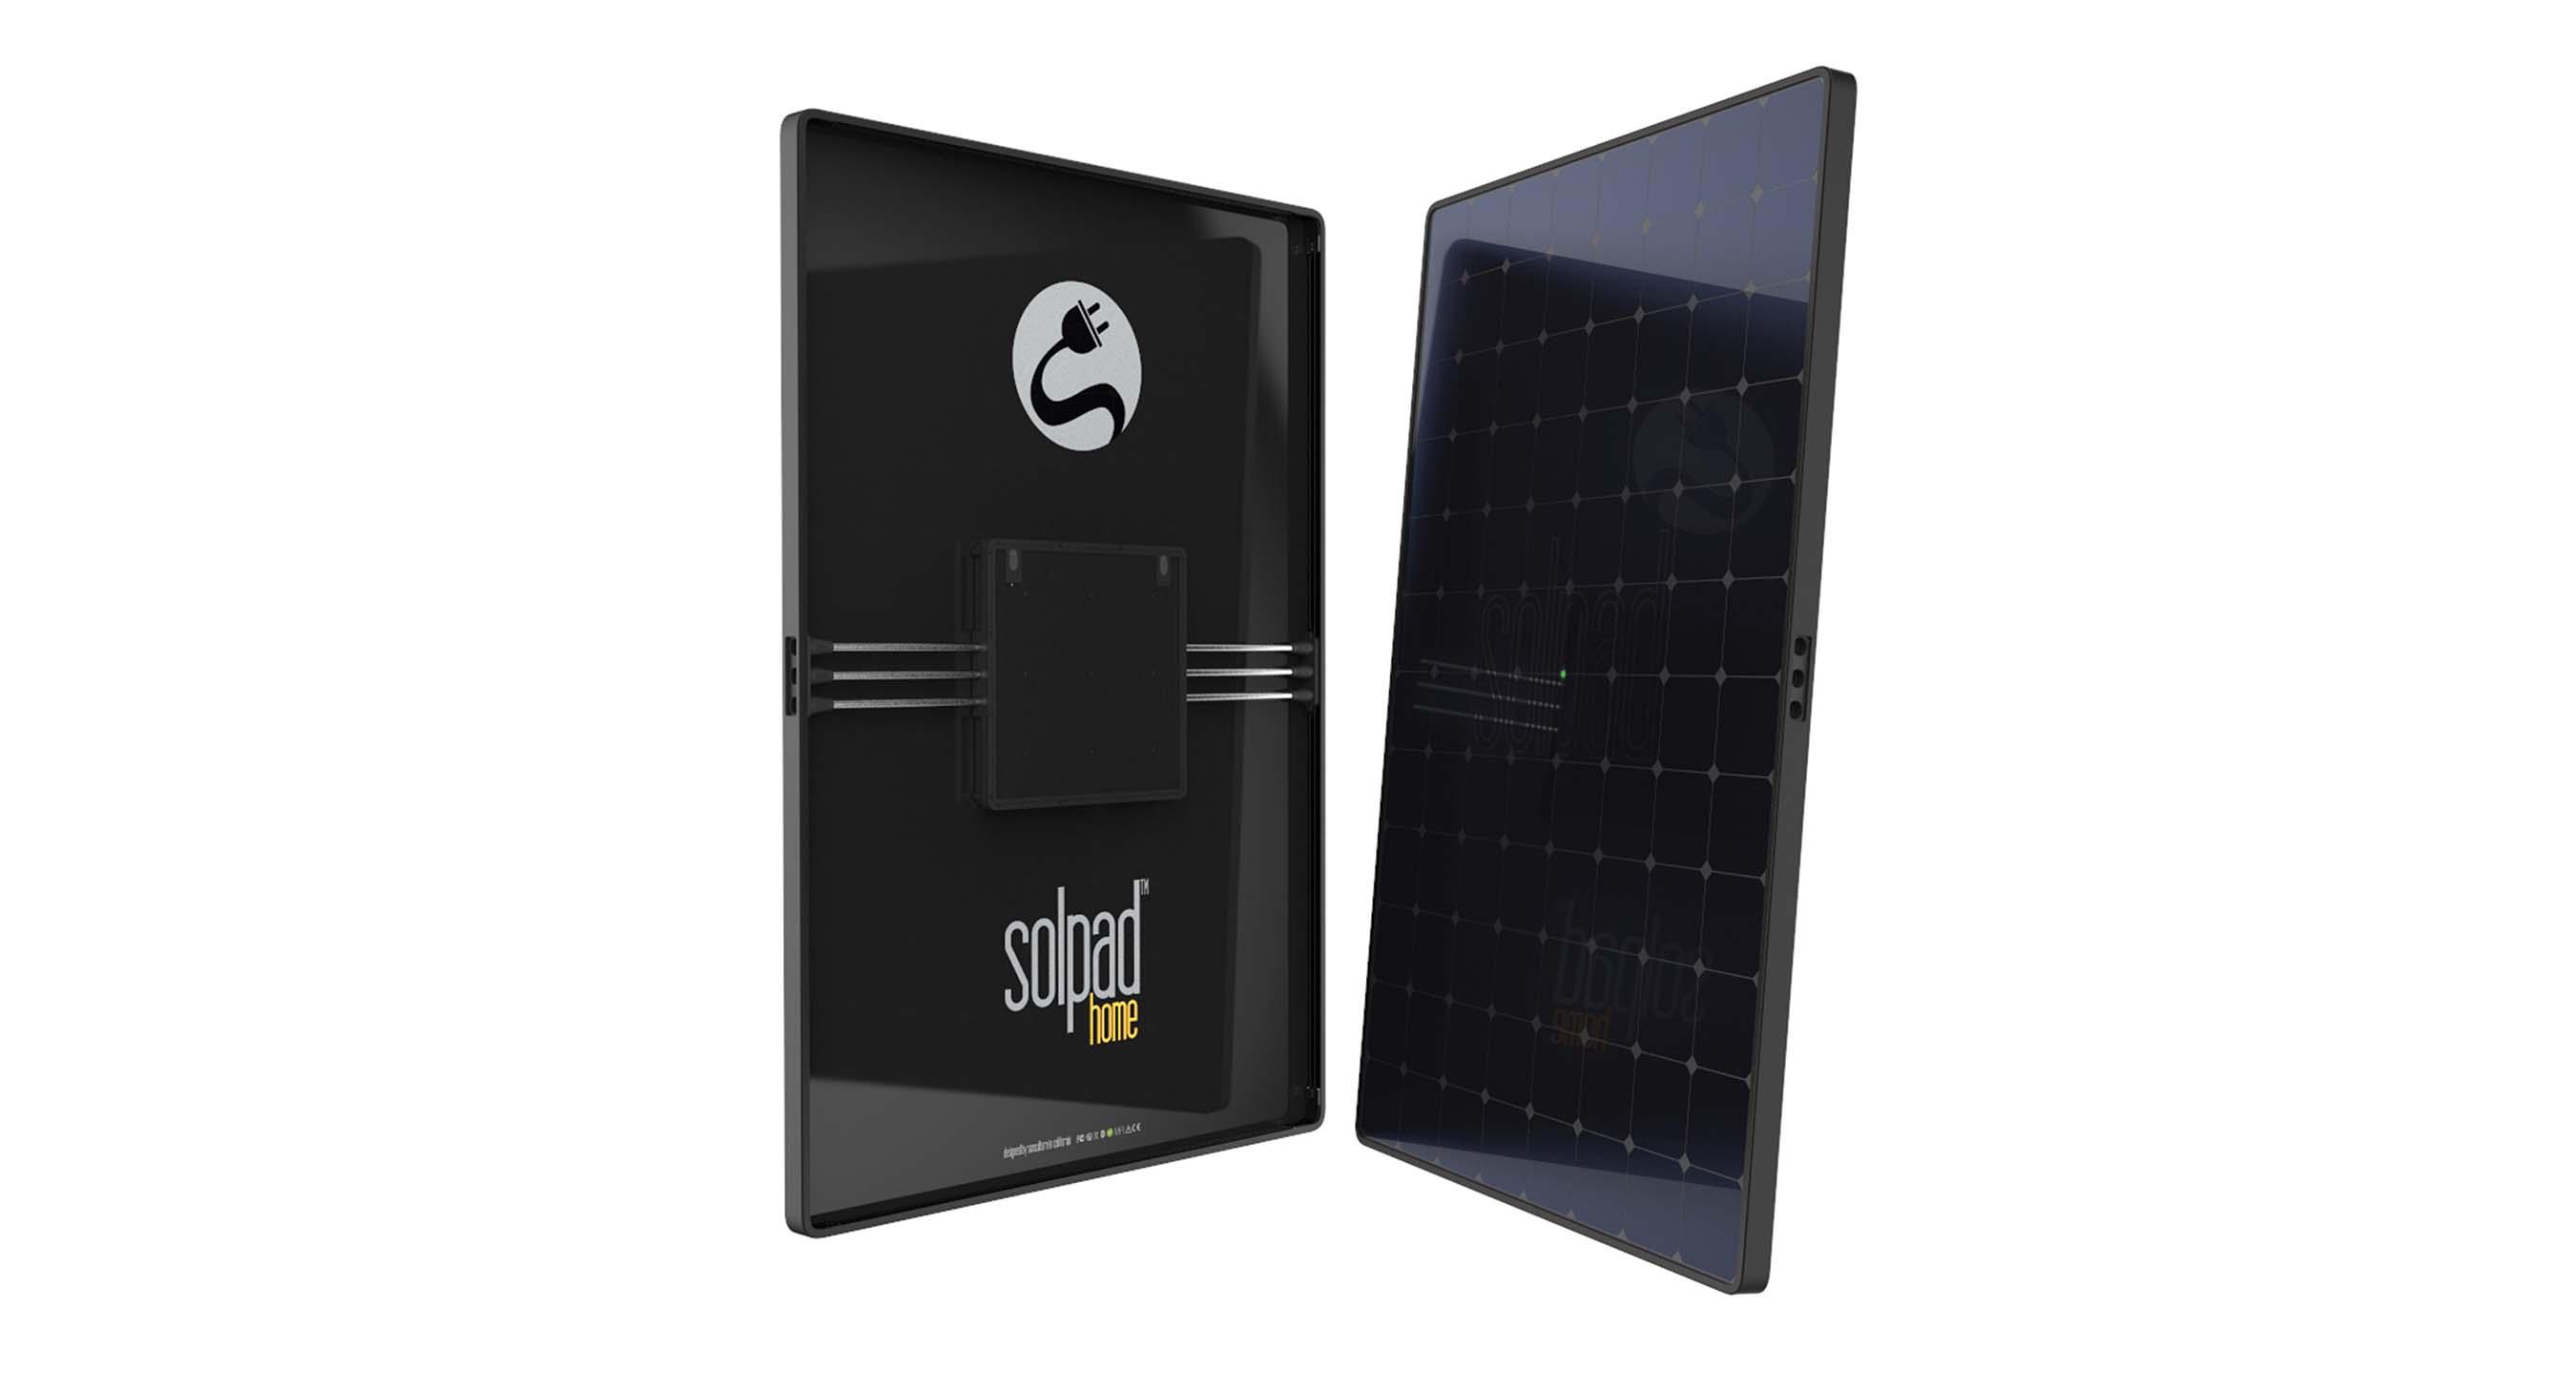 Panneau solaire réseau SolarPad Home